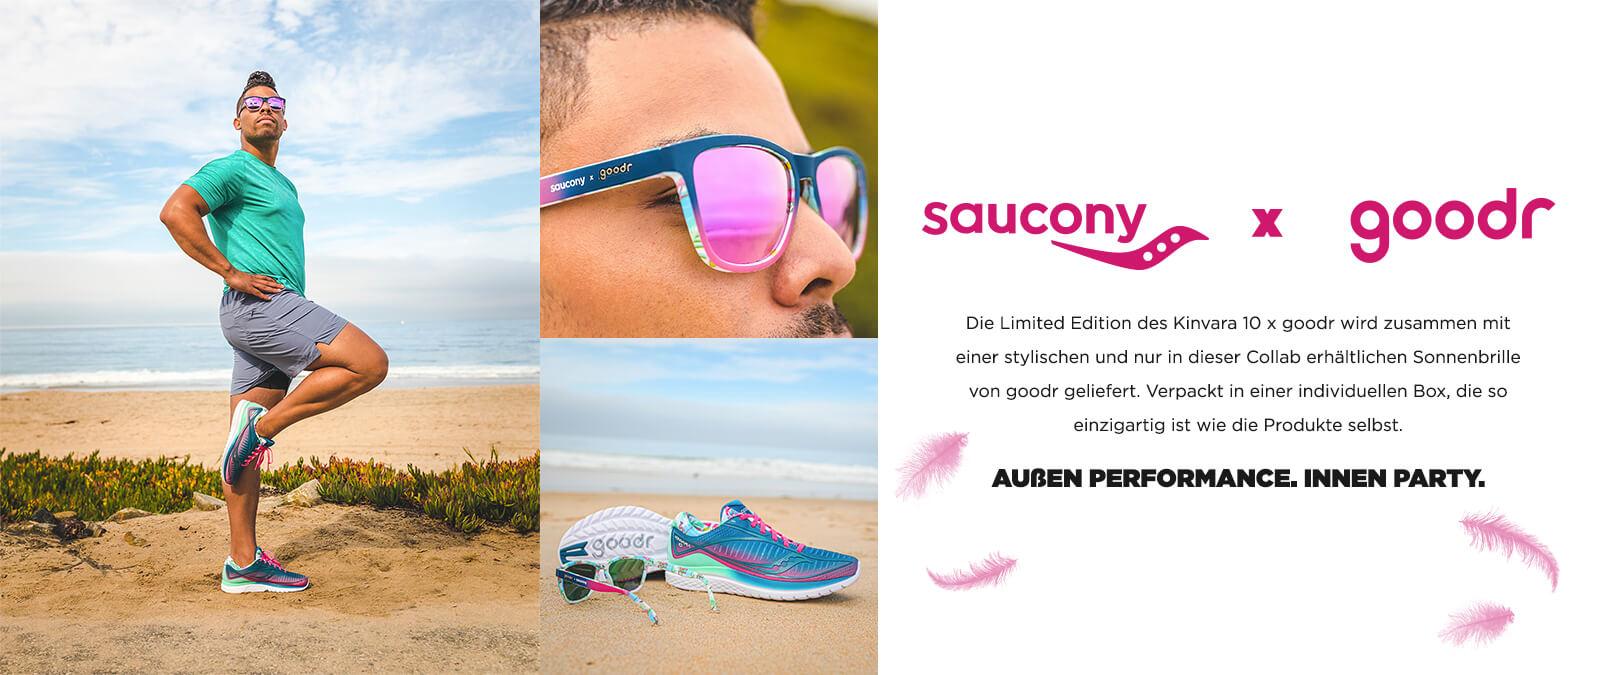 Saucony x goodr